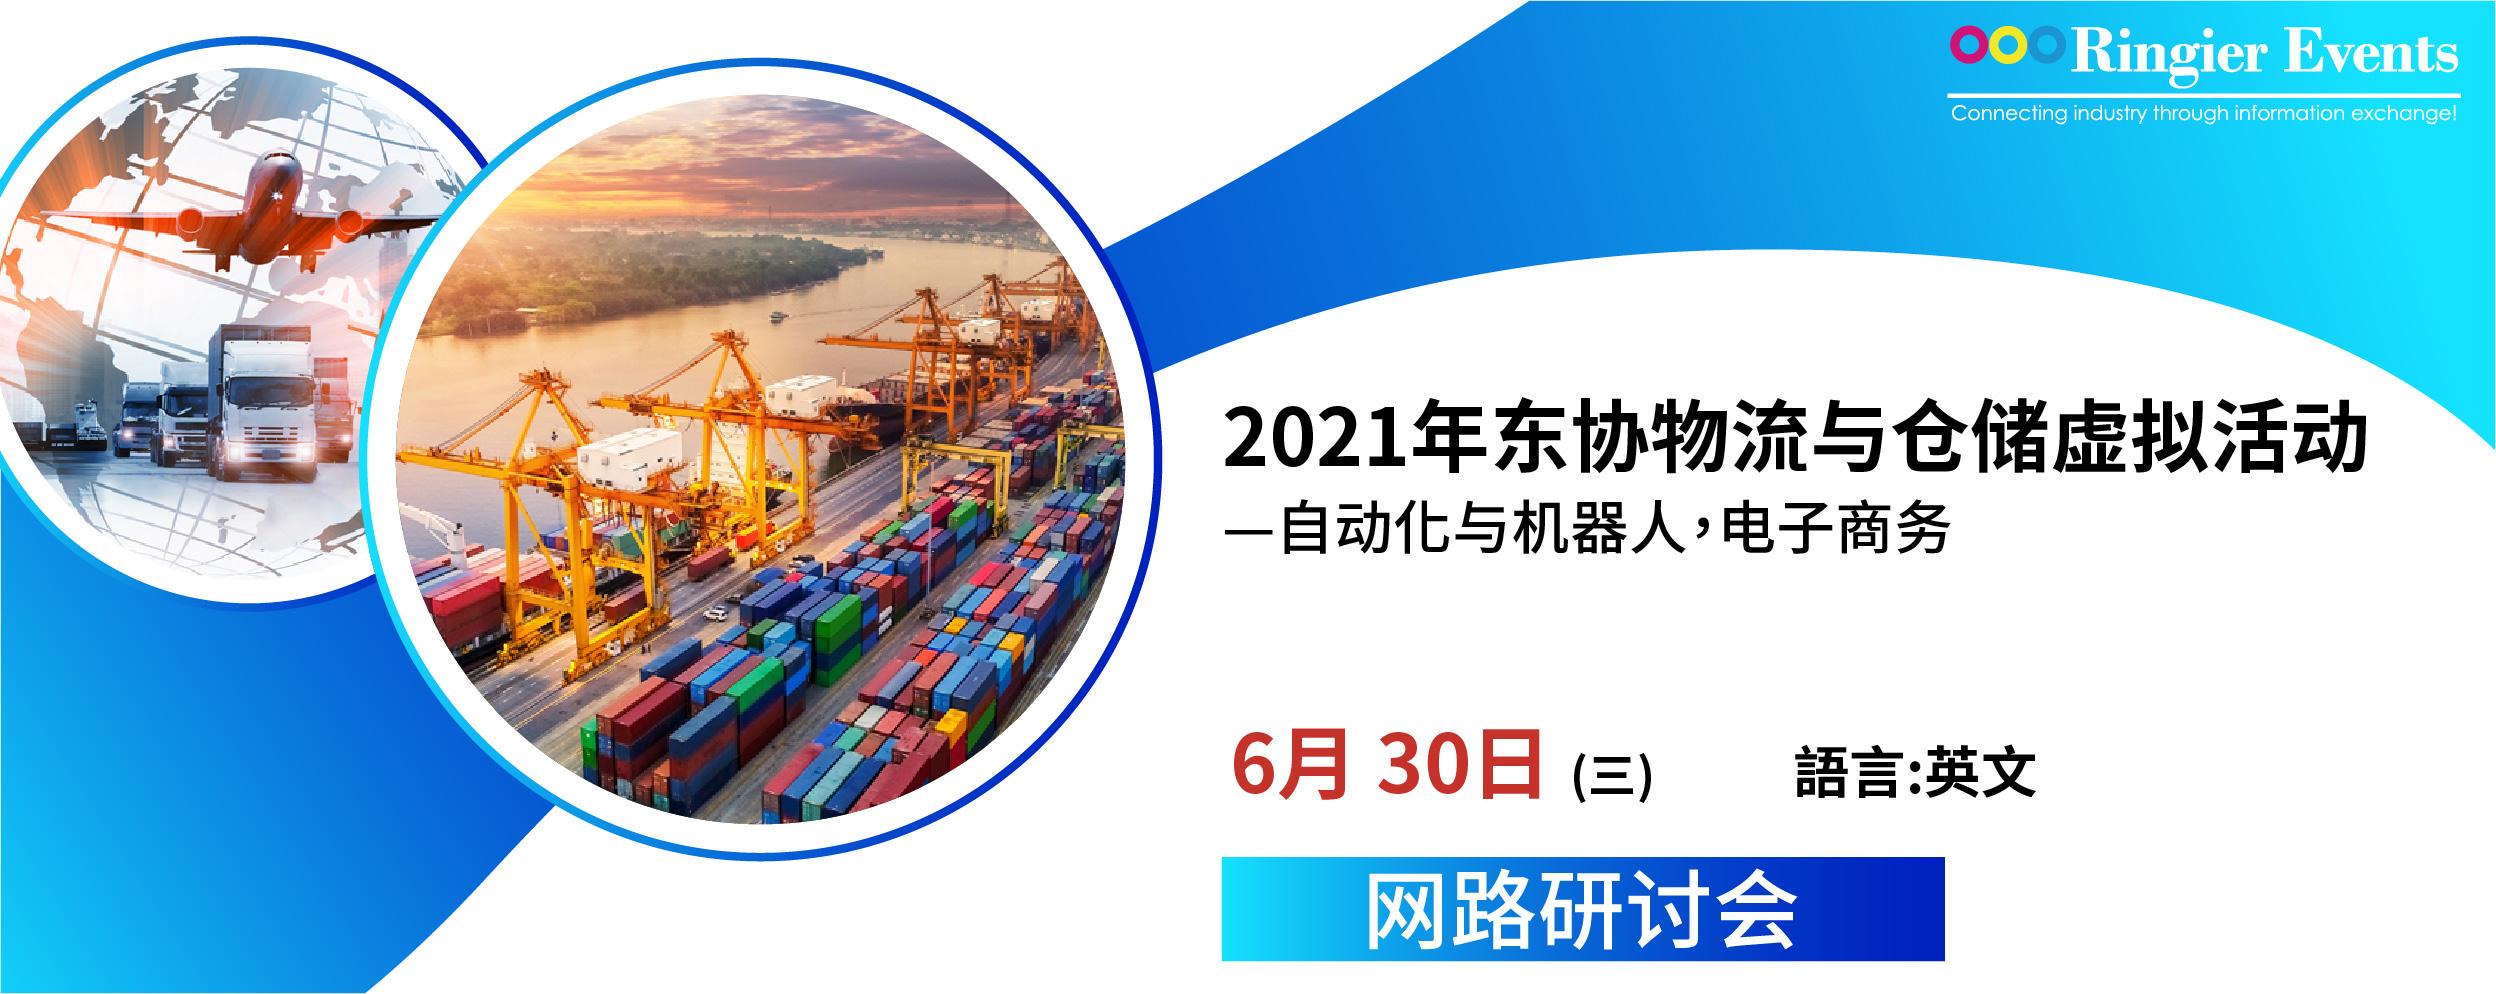 2021年东协物流与仓储虚拟活动-自动化与机器人,电子商务